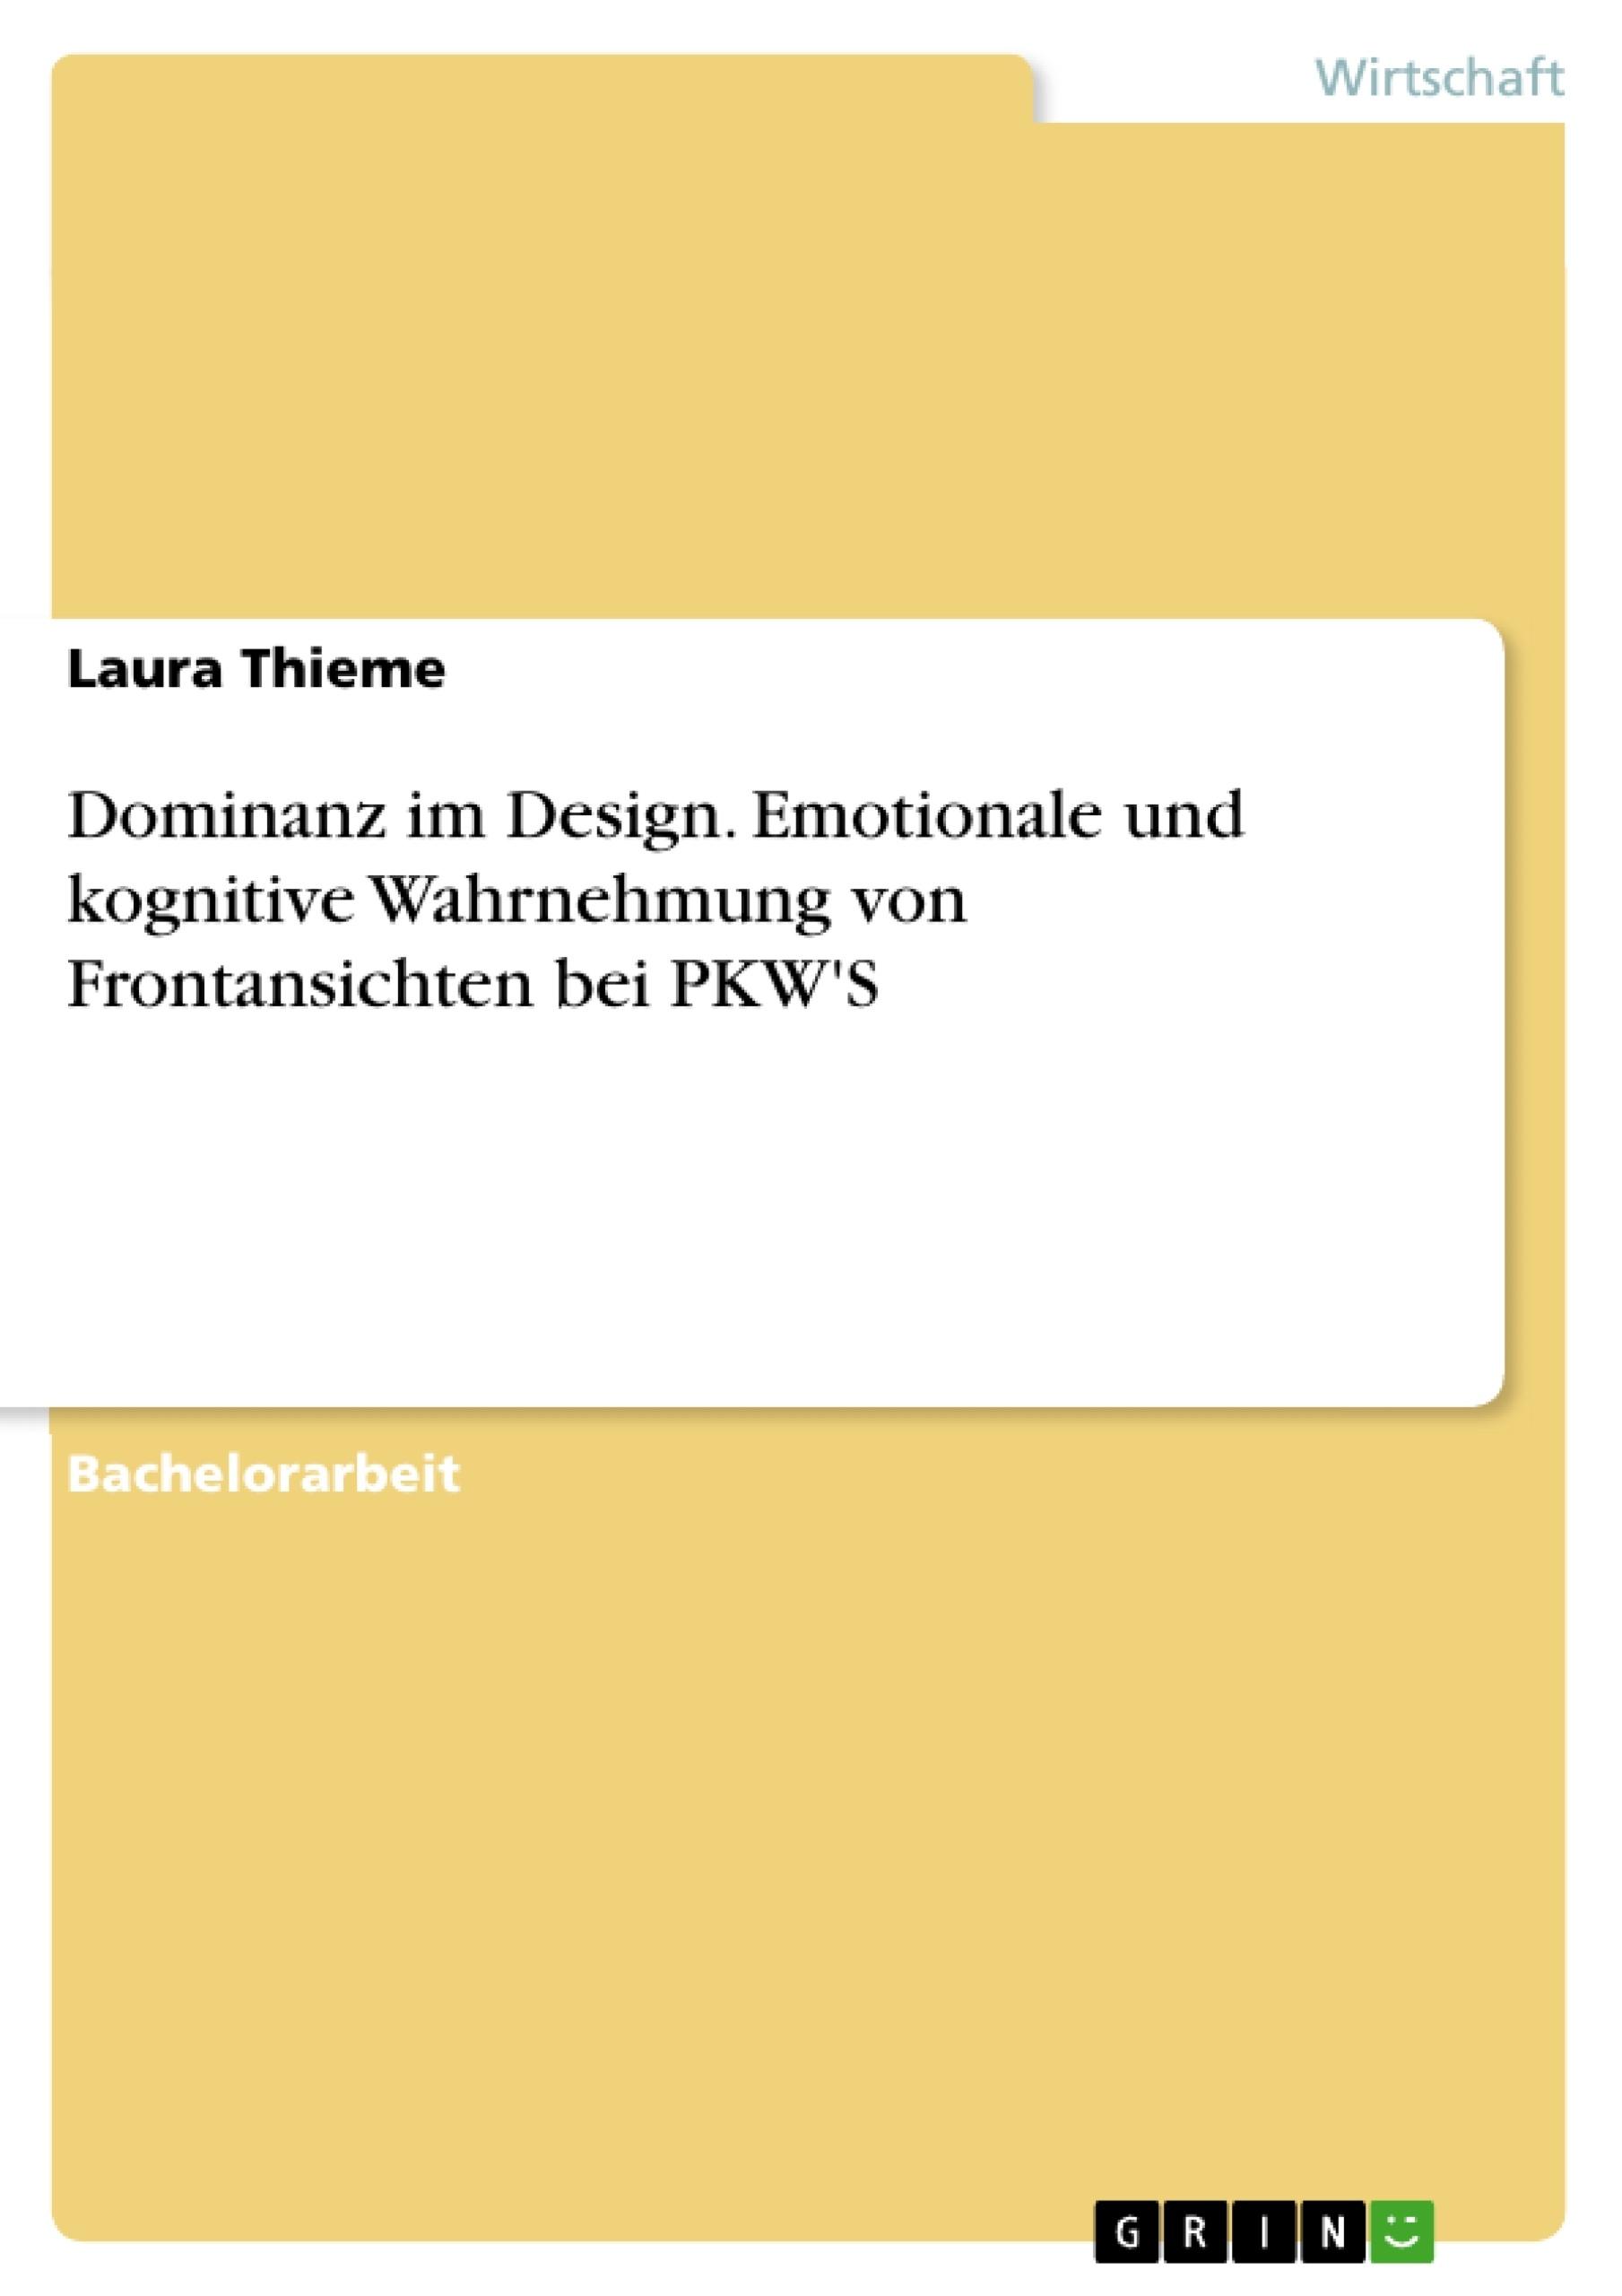 Dominanz im Design. Emotionale und kognitive Wahrnehmung von ...